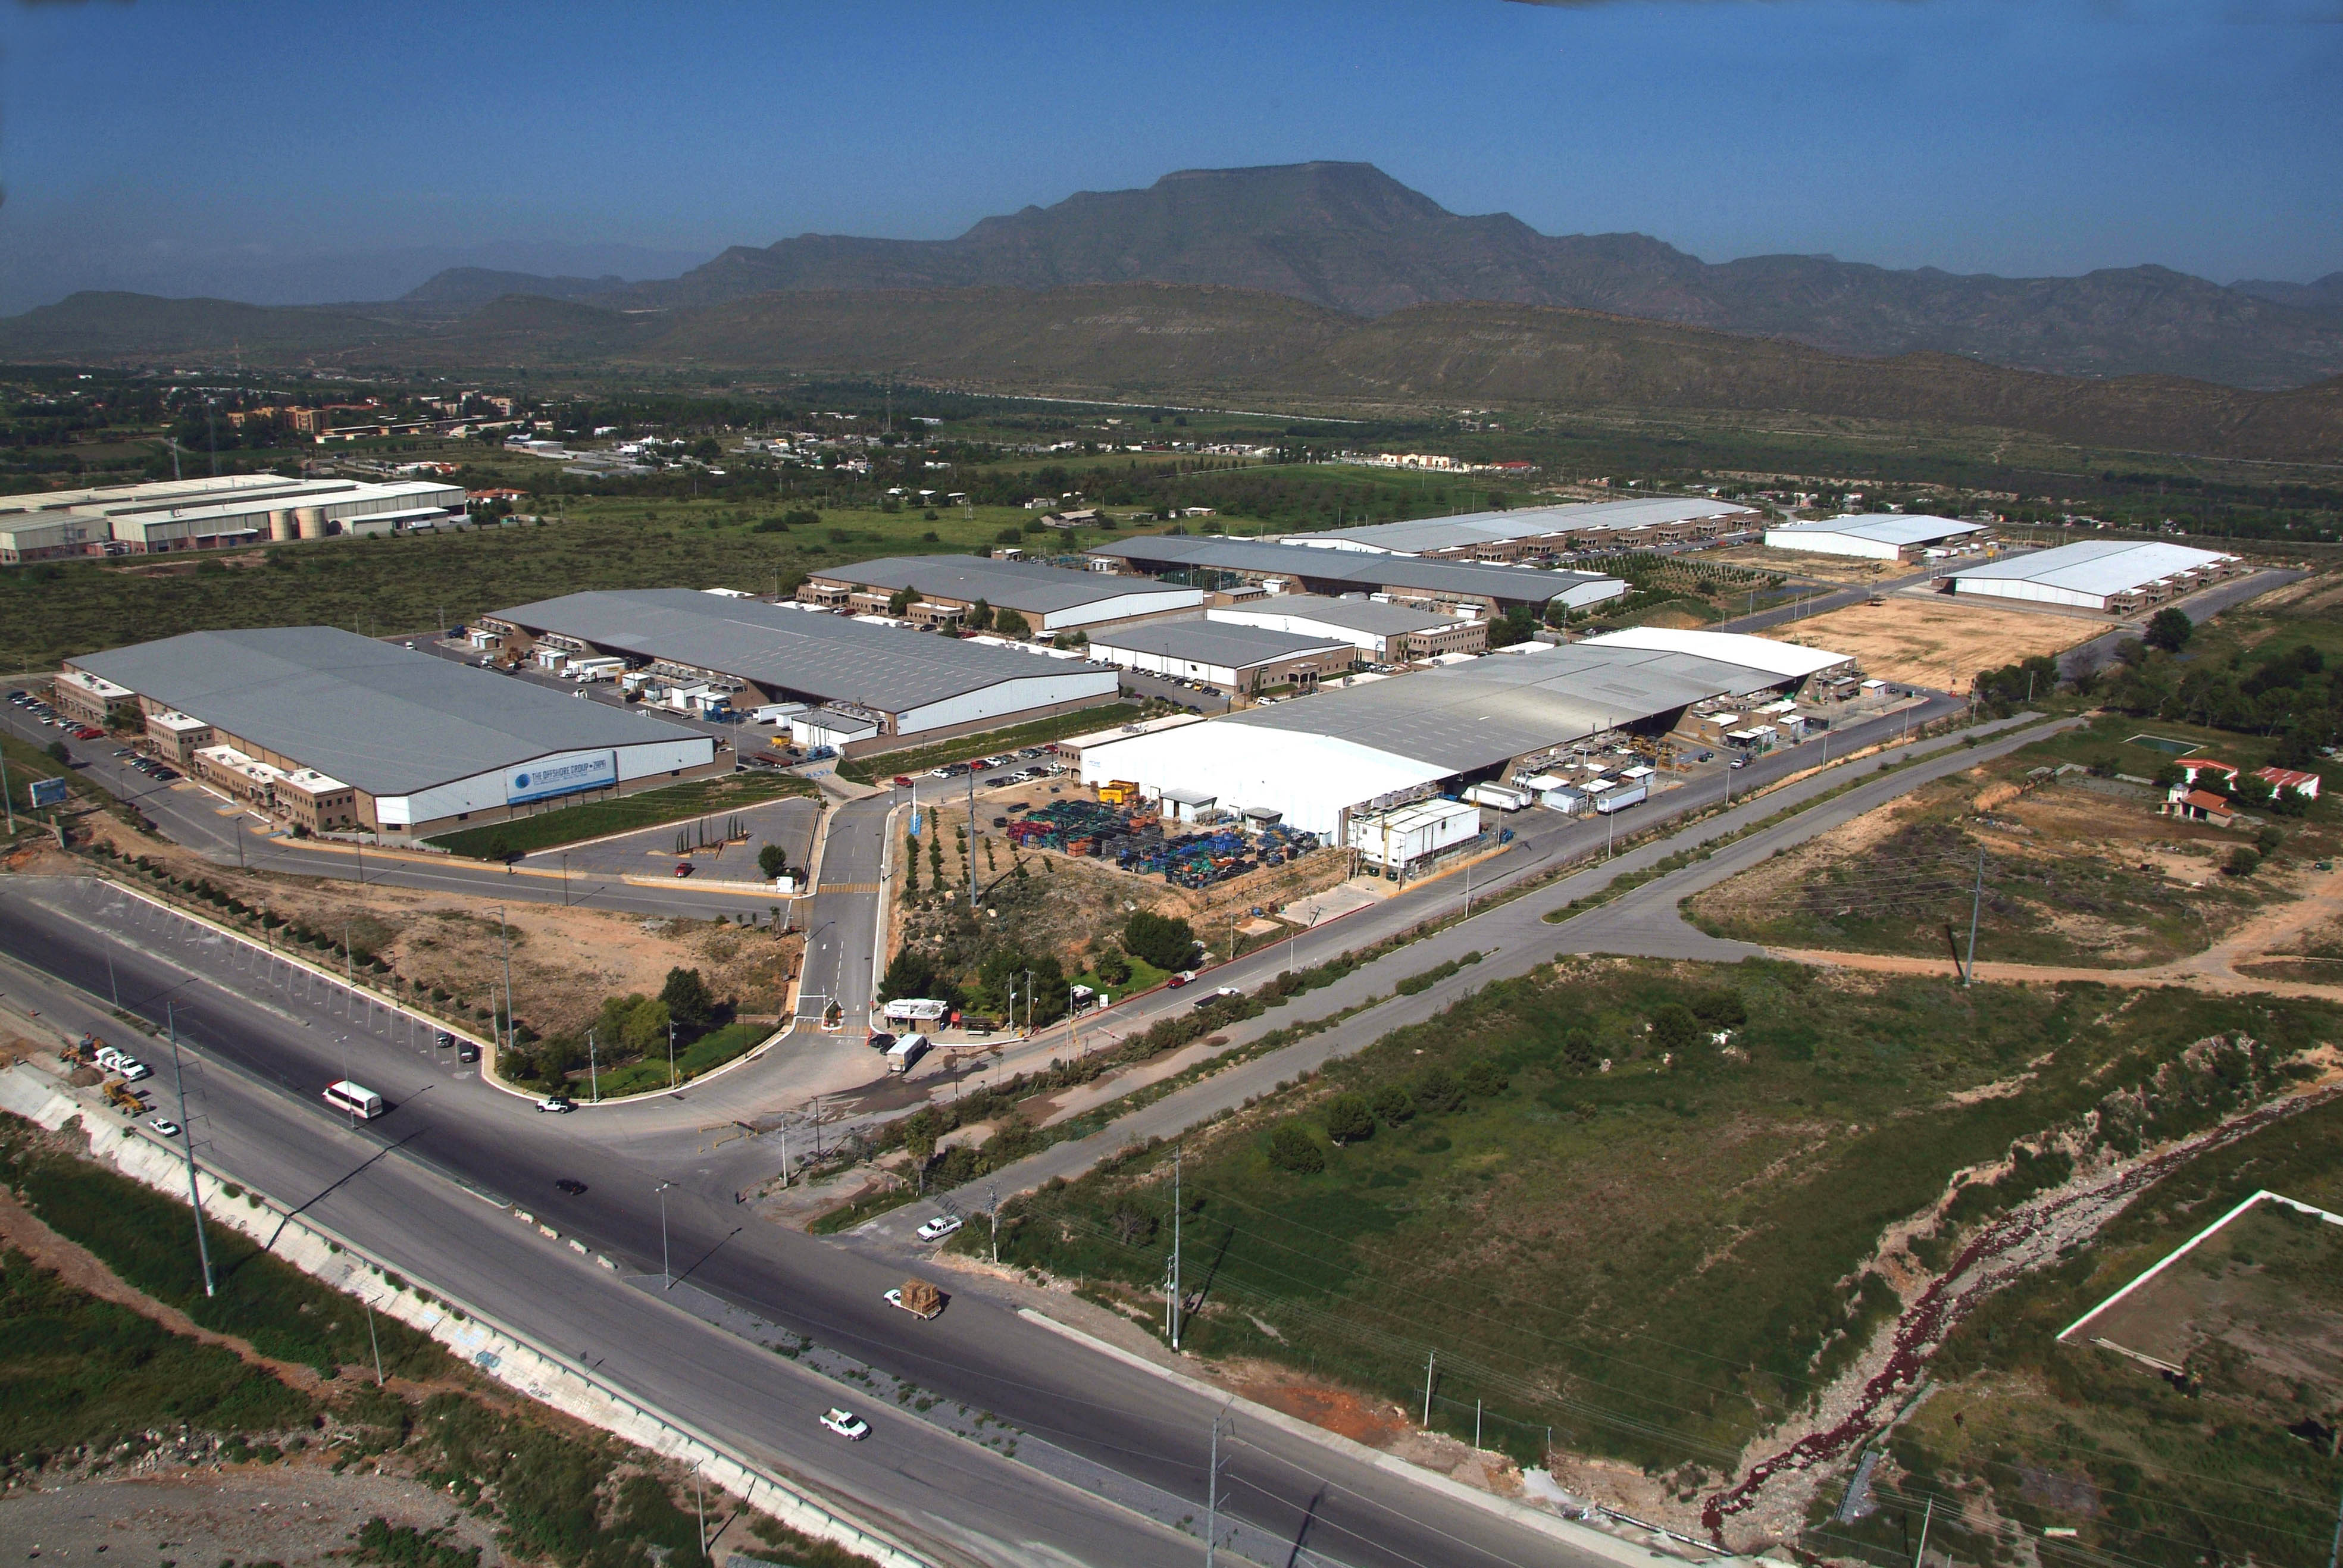 Bajio-region-supplier-cluster-auto-parts-manufacturing.jpg